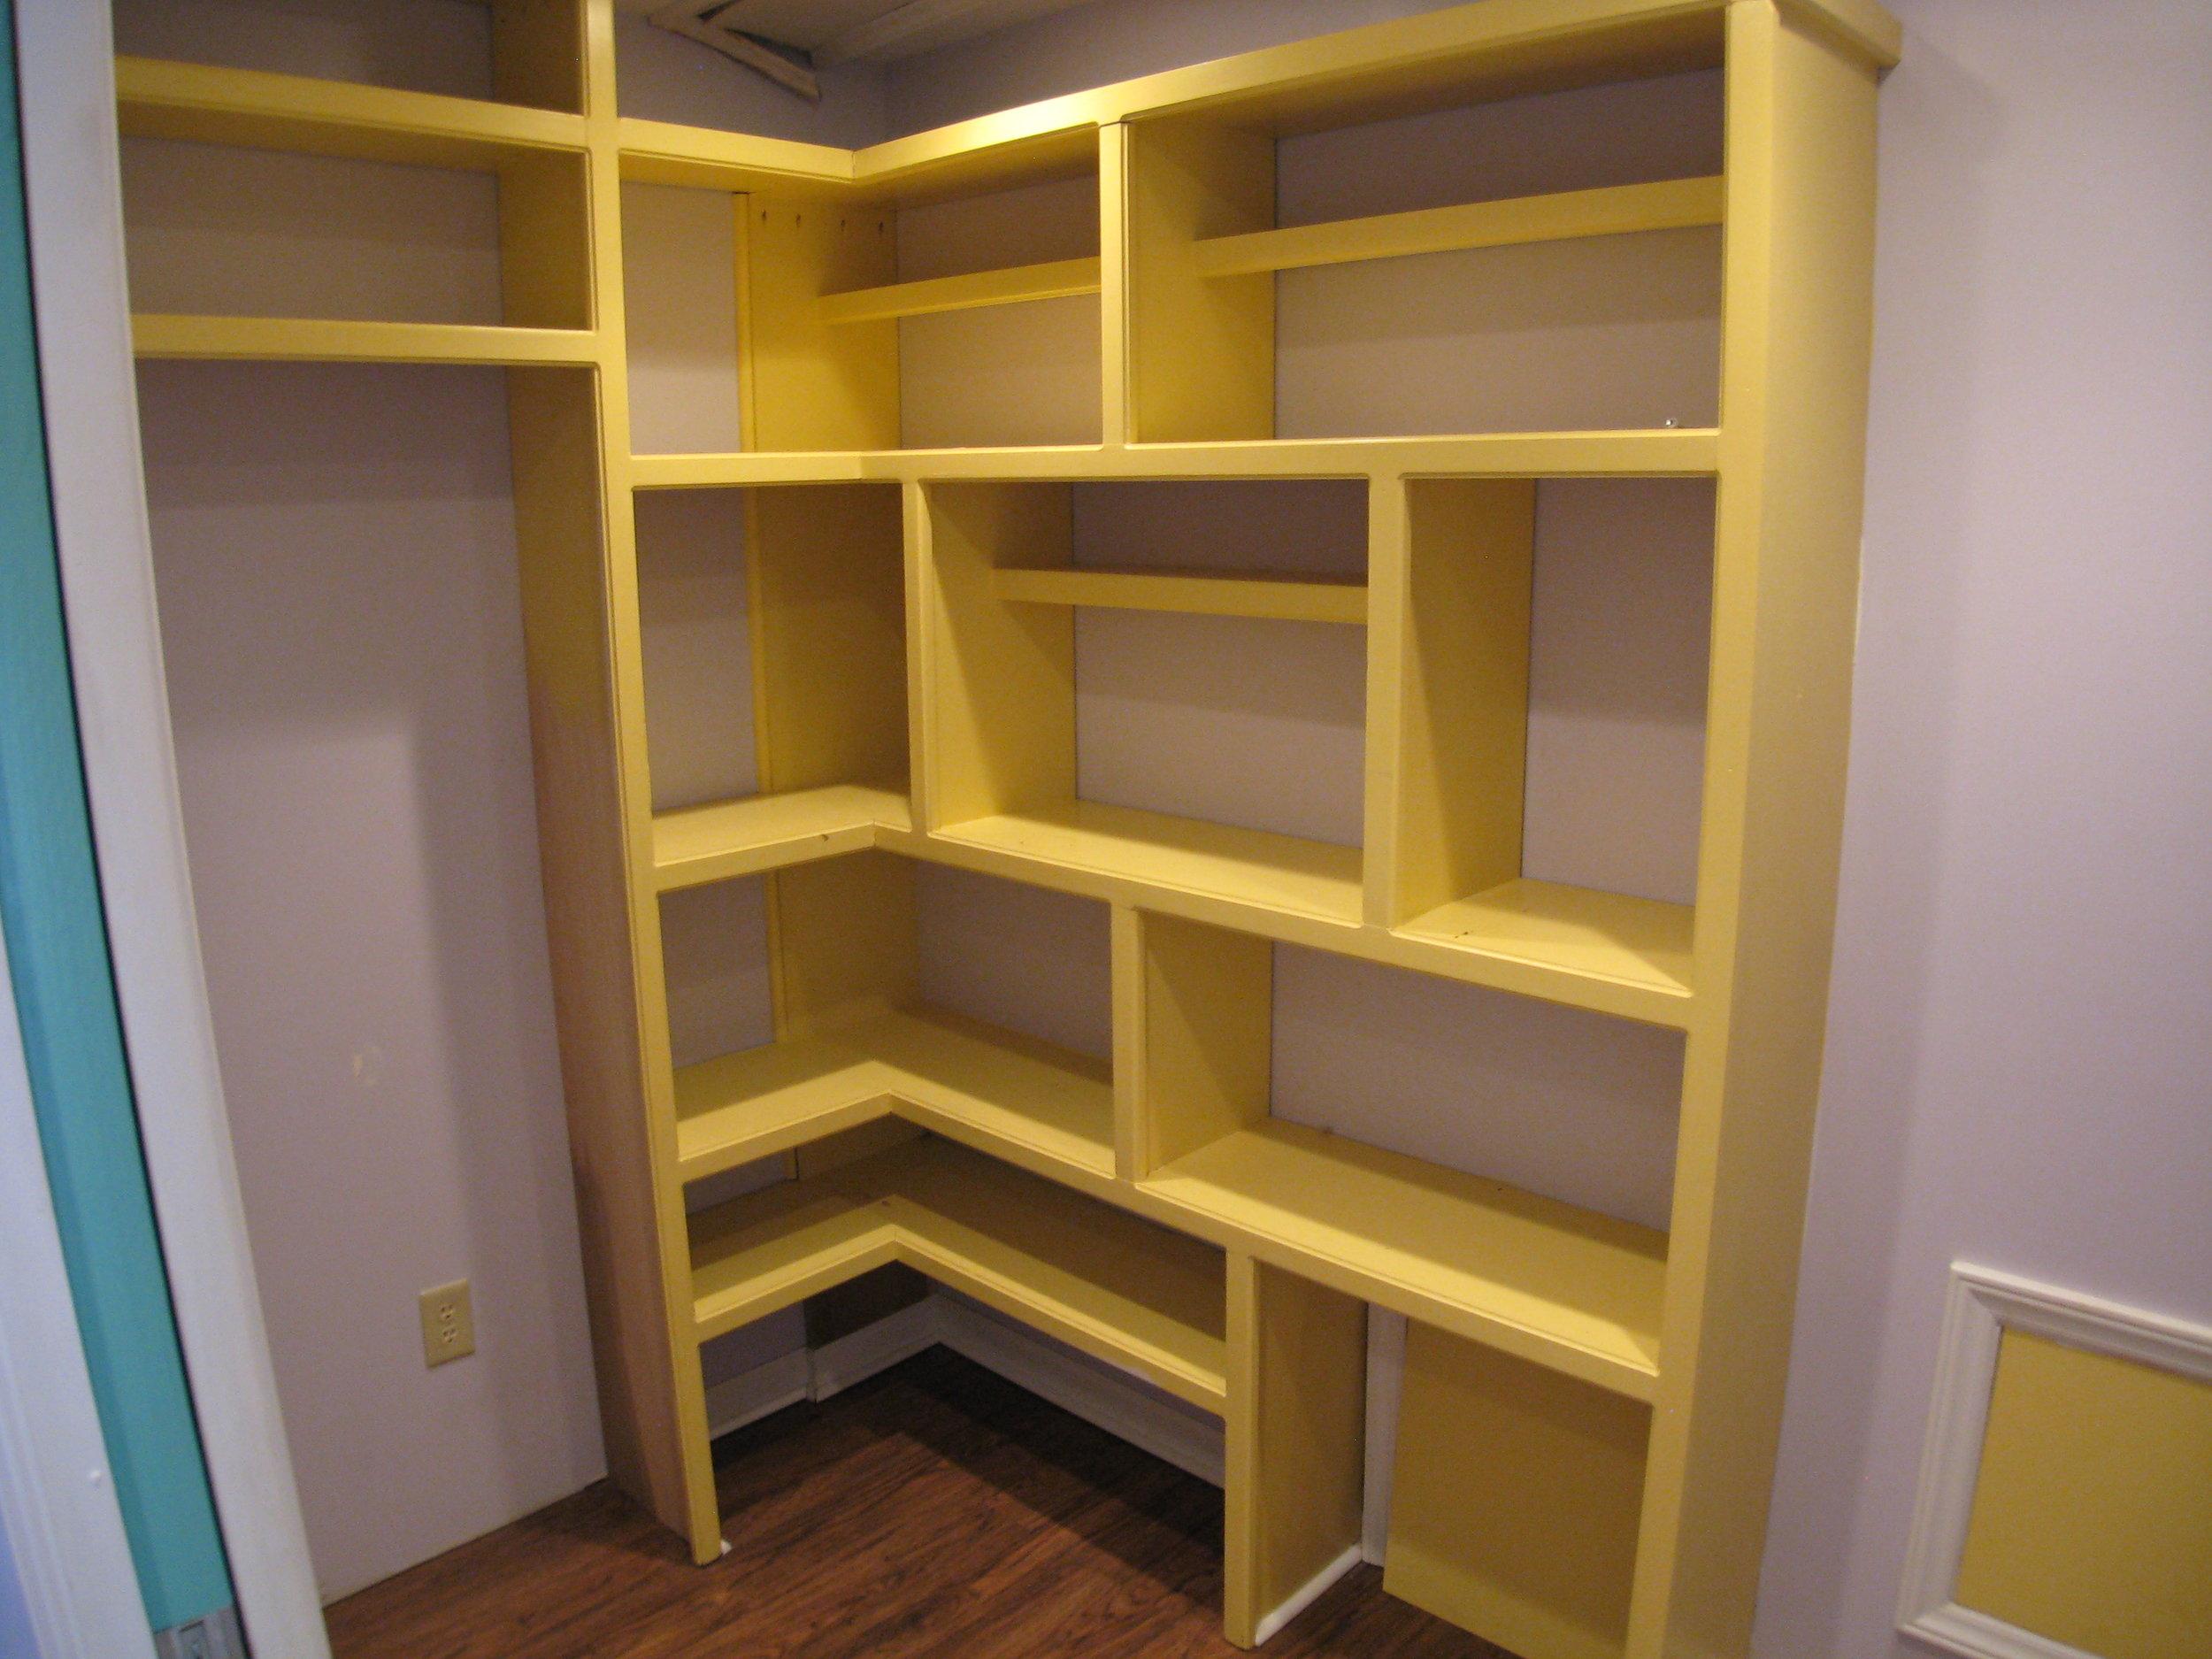 Pantry Storage Area